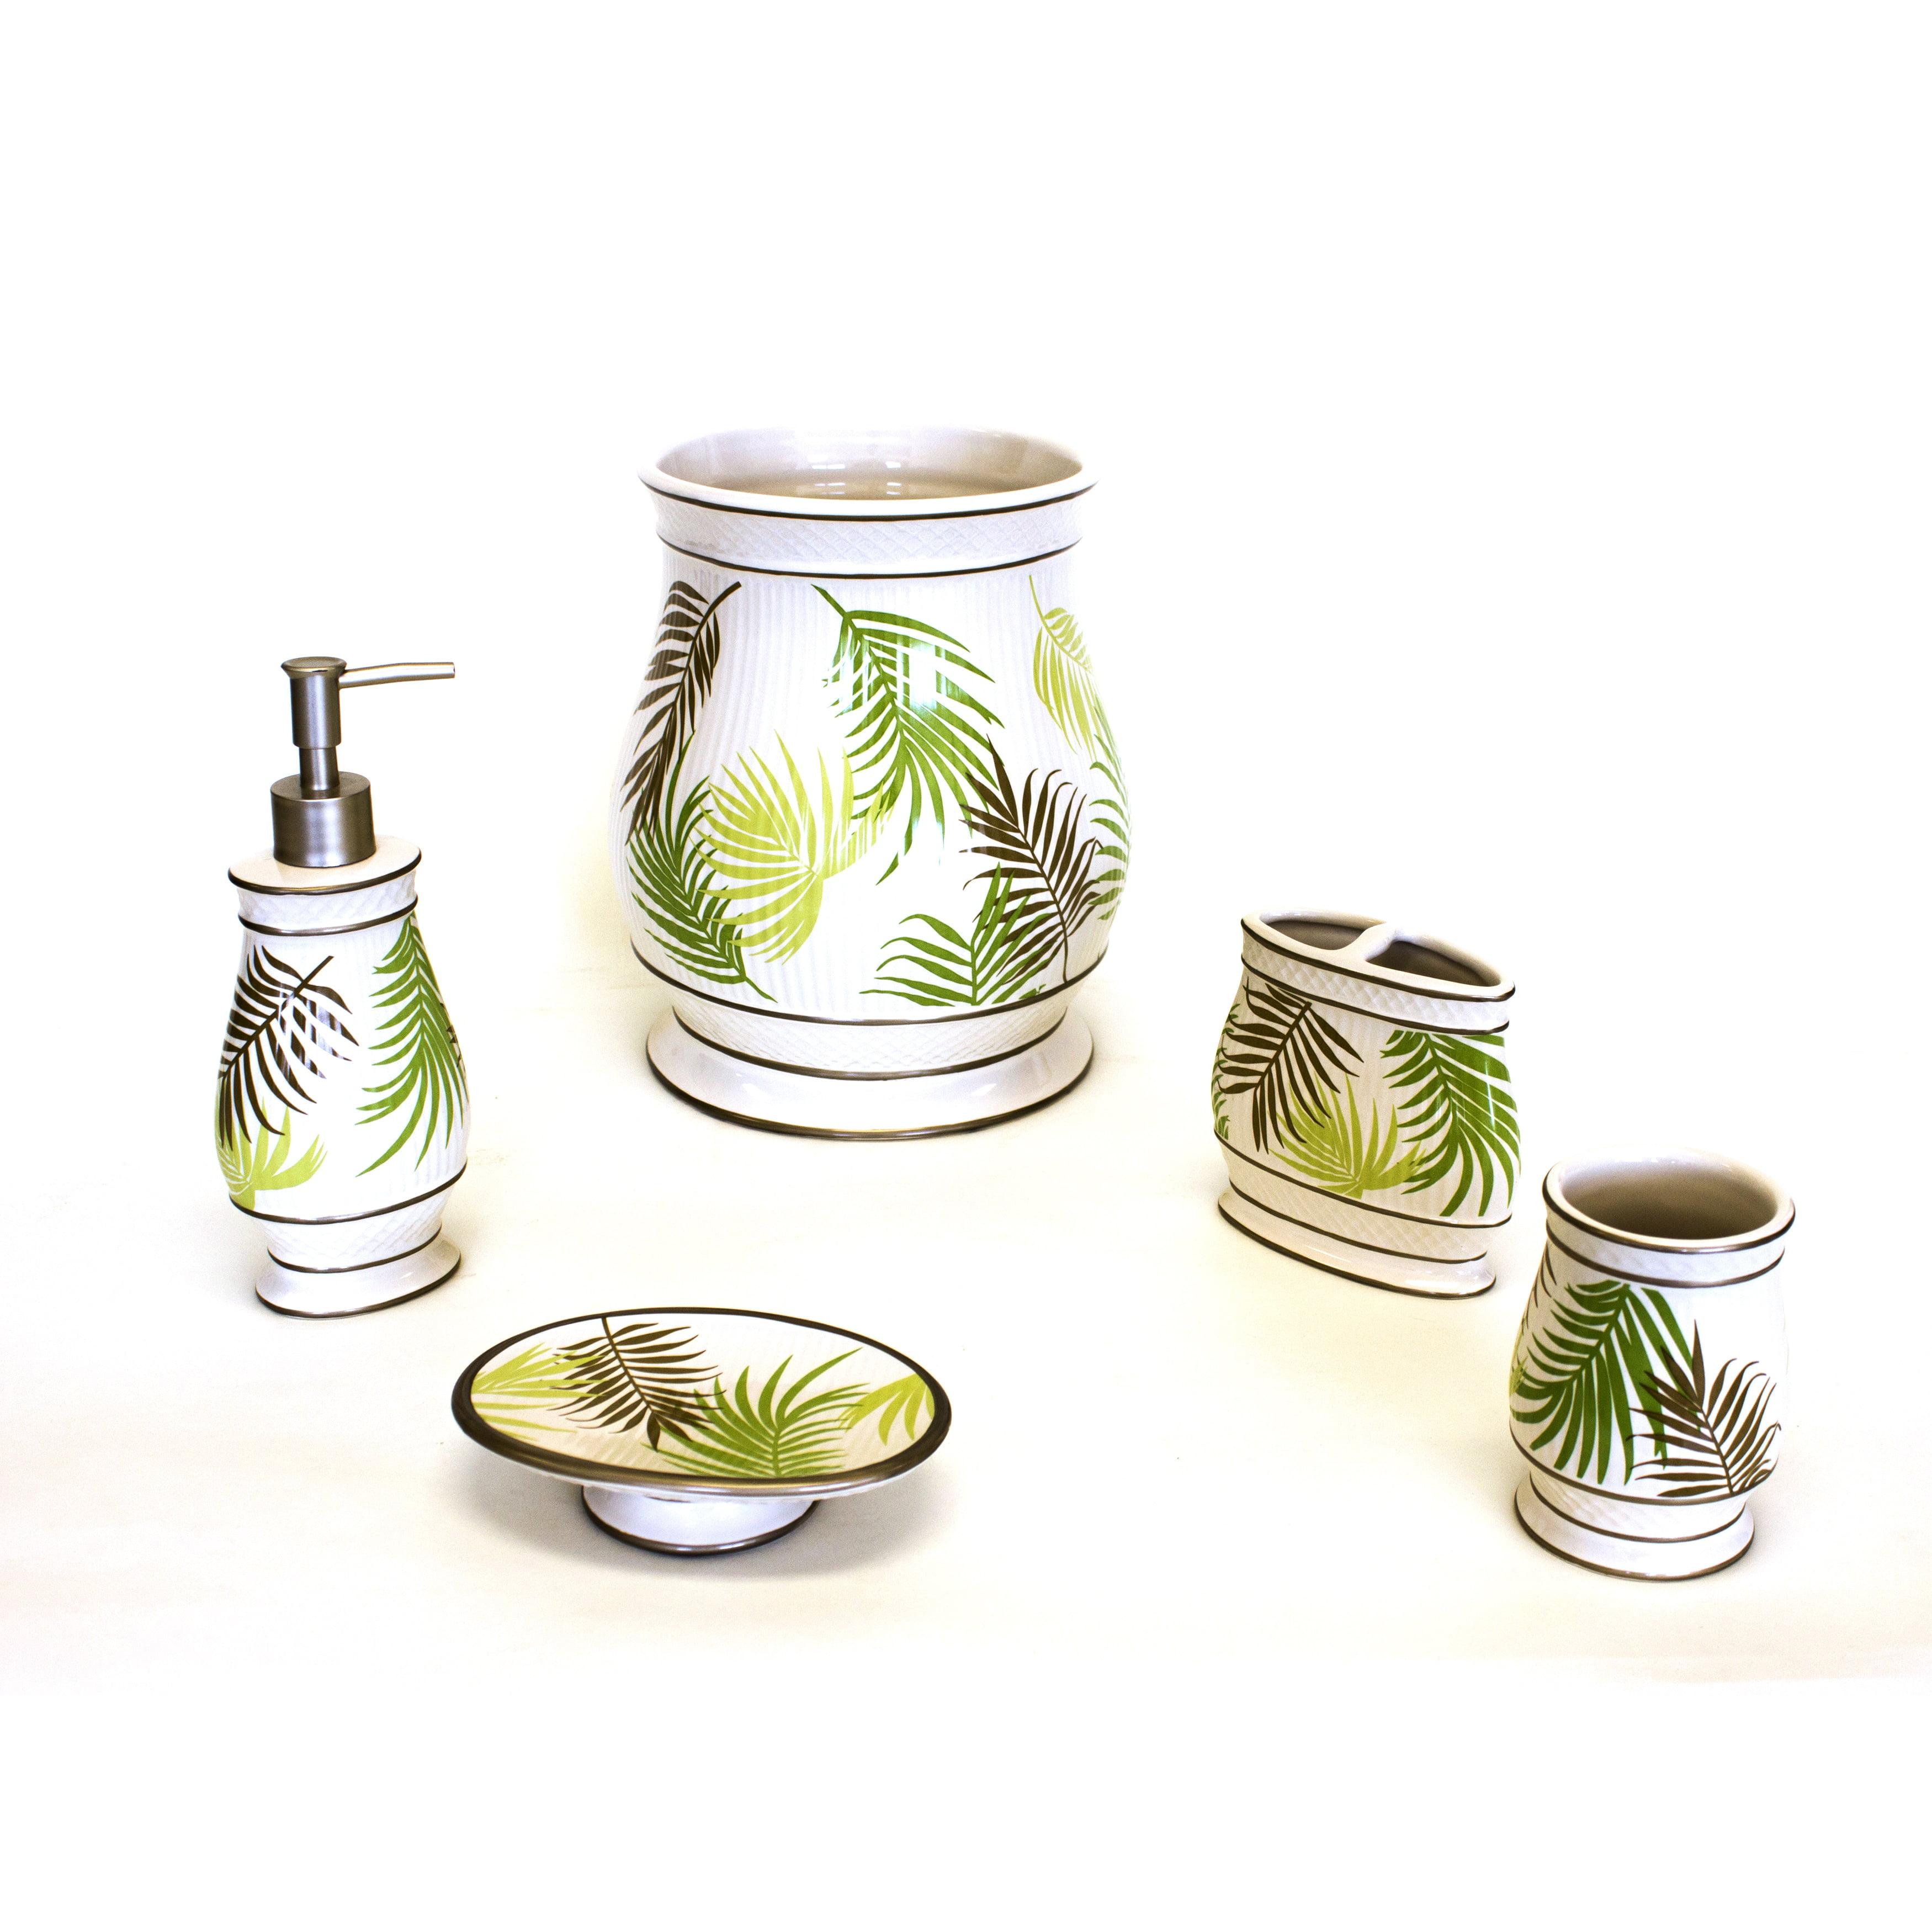 Sherry Kline Sago Palm Bath Accessory 5-piece Set